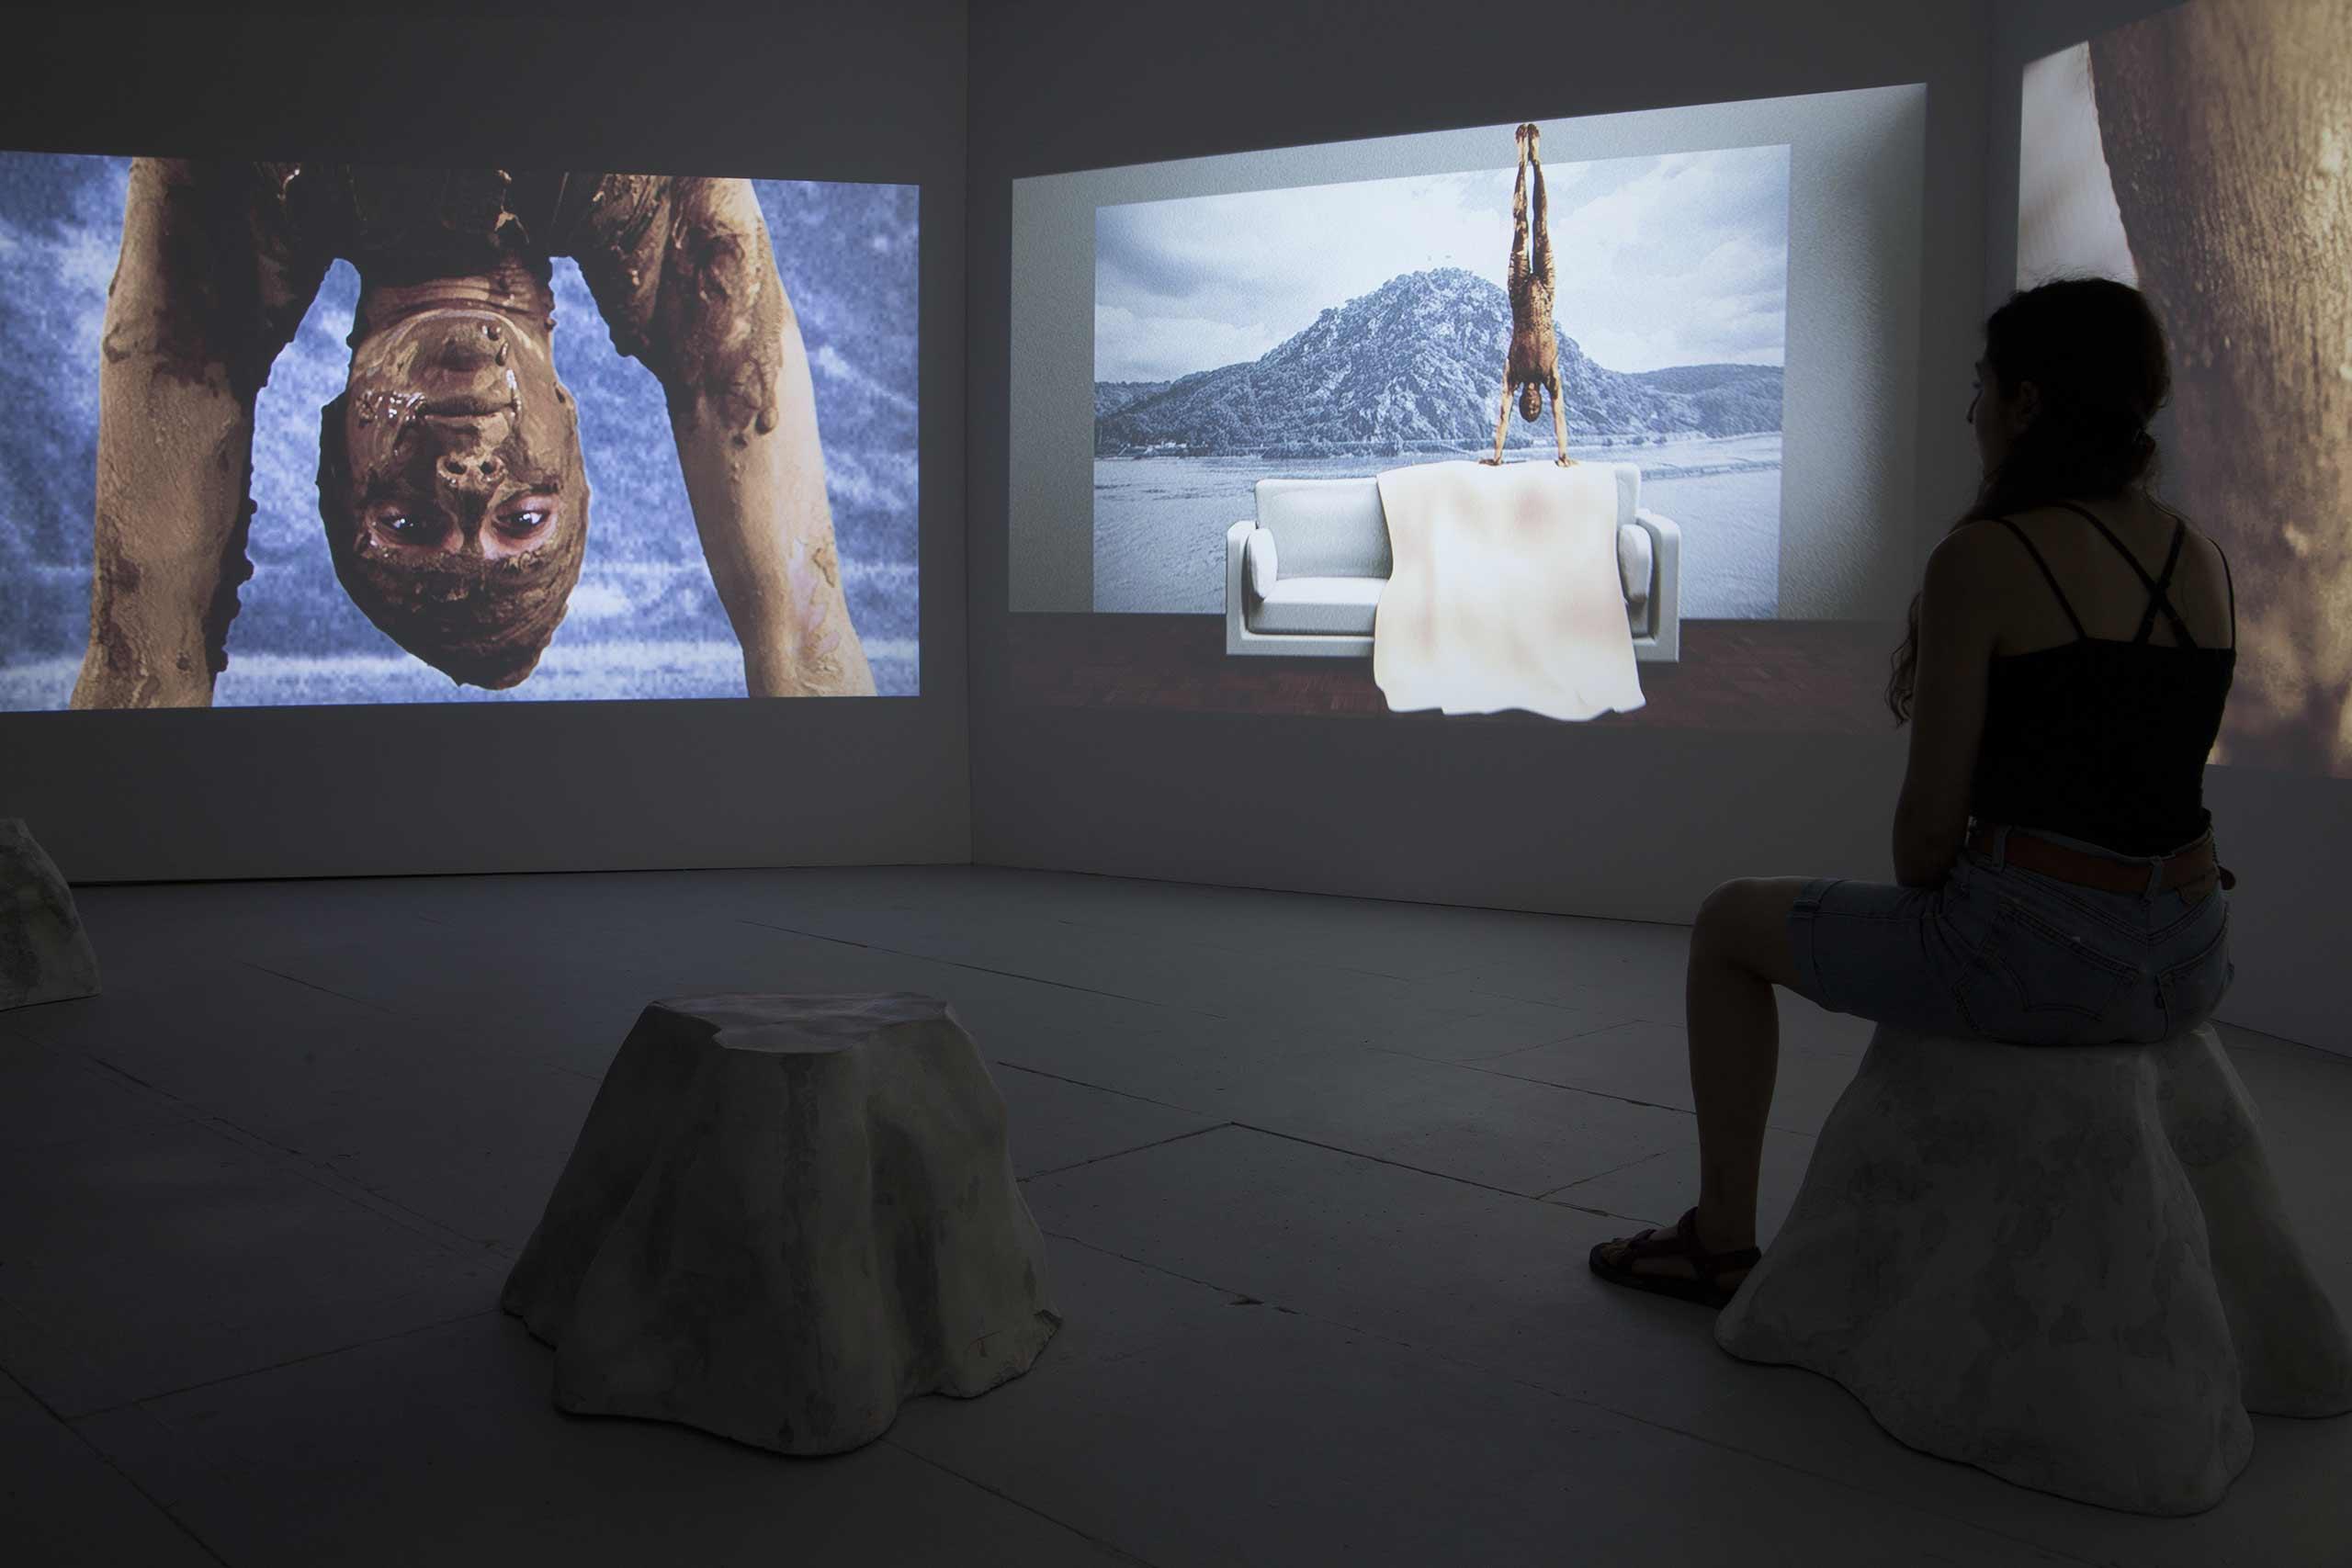 """Das BIld zeigt einen Ausschnitt der drei-Kanal-Installation """"Bite the sunset"""" von Stefanie Gerstmayr da. dein Frau in Rückansicht, schaut sich sitzend zwei videos an. auf dem einen springt eine Frau kopfüber ins Wasser, während auf dem anderen eine Insel zu sehen ist."""